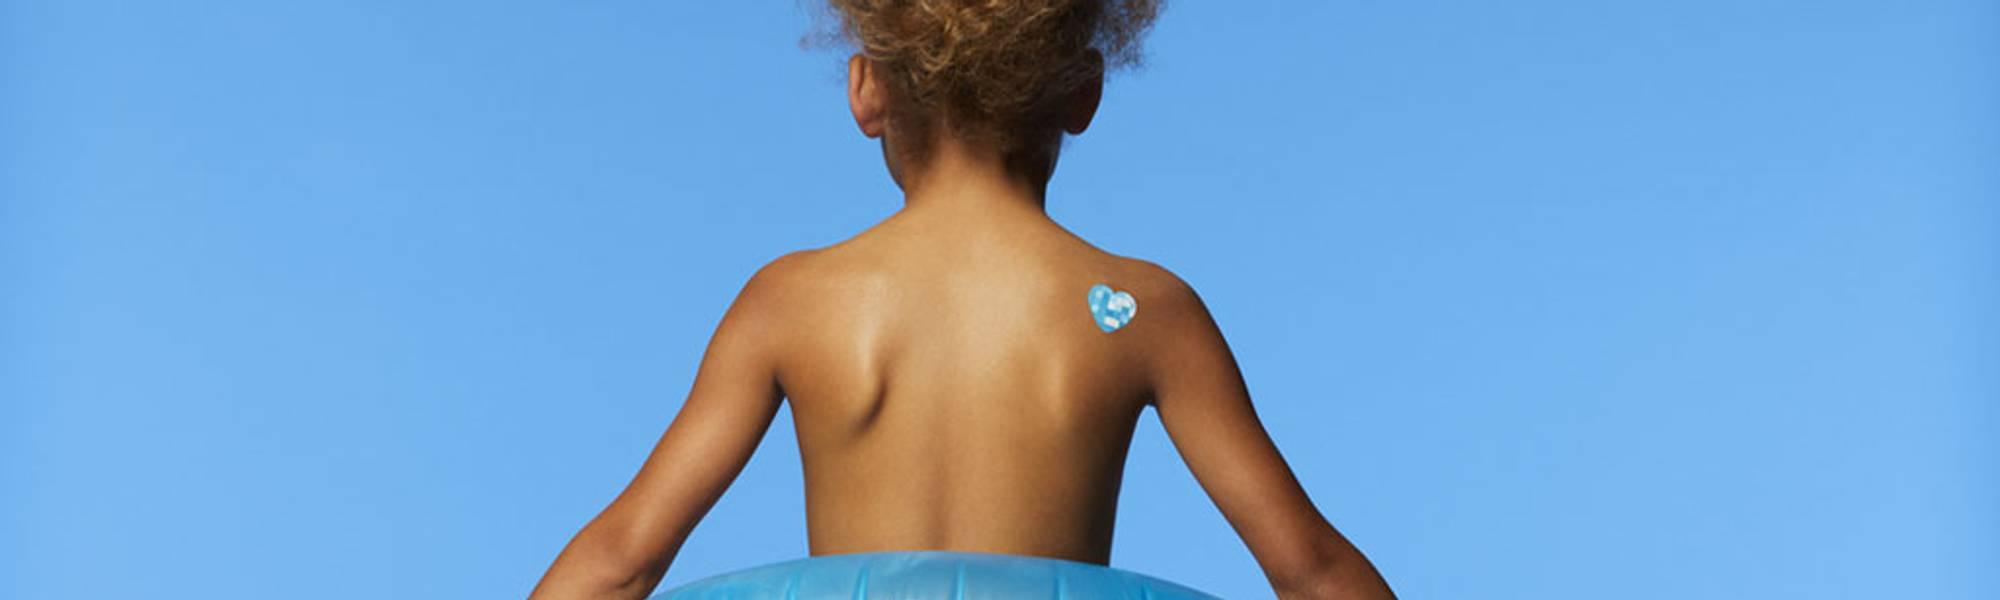 Larocheposay ArticlePage Sun Solcreme til børn Sådan beskytter du dine børn